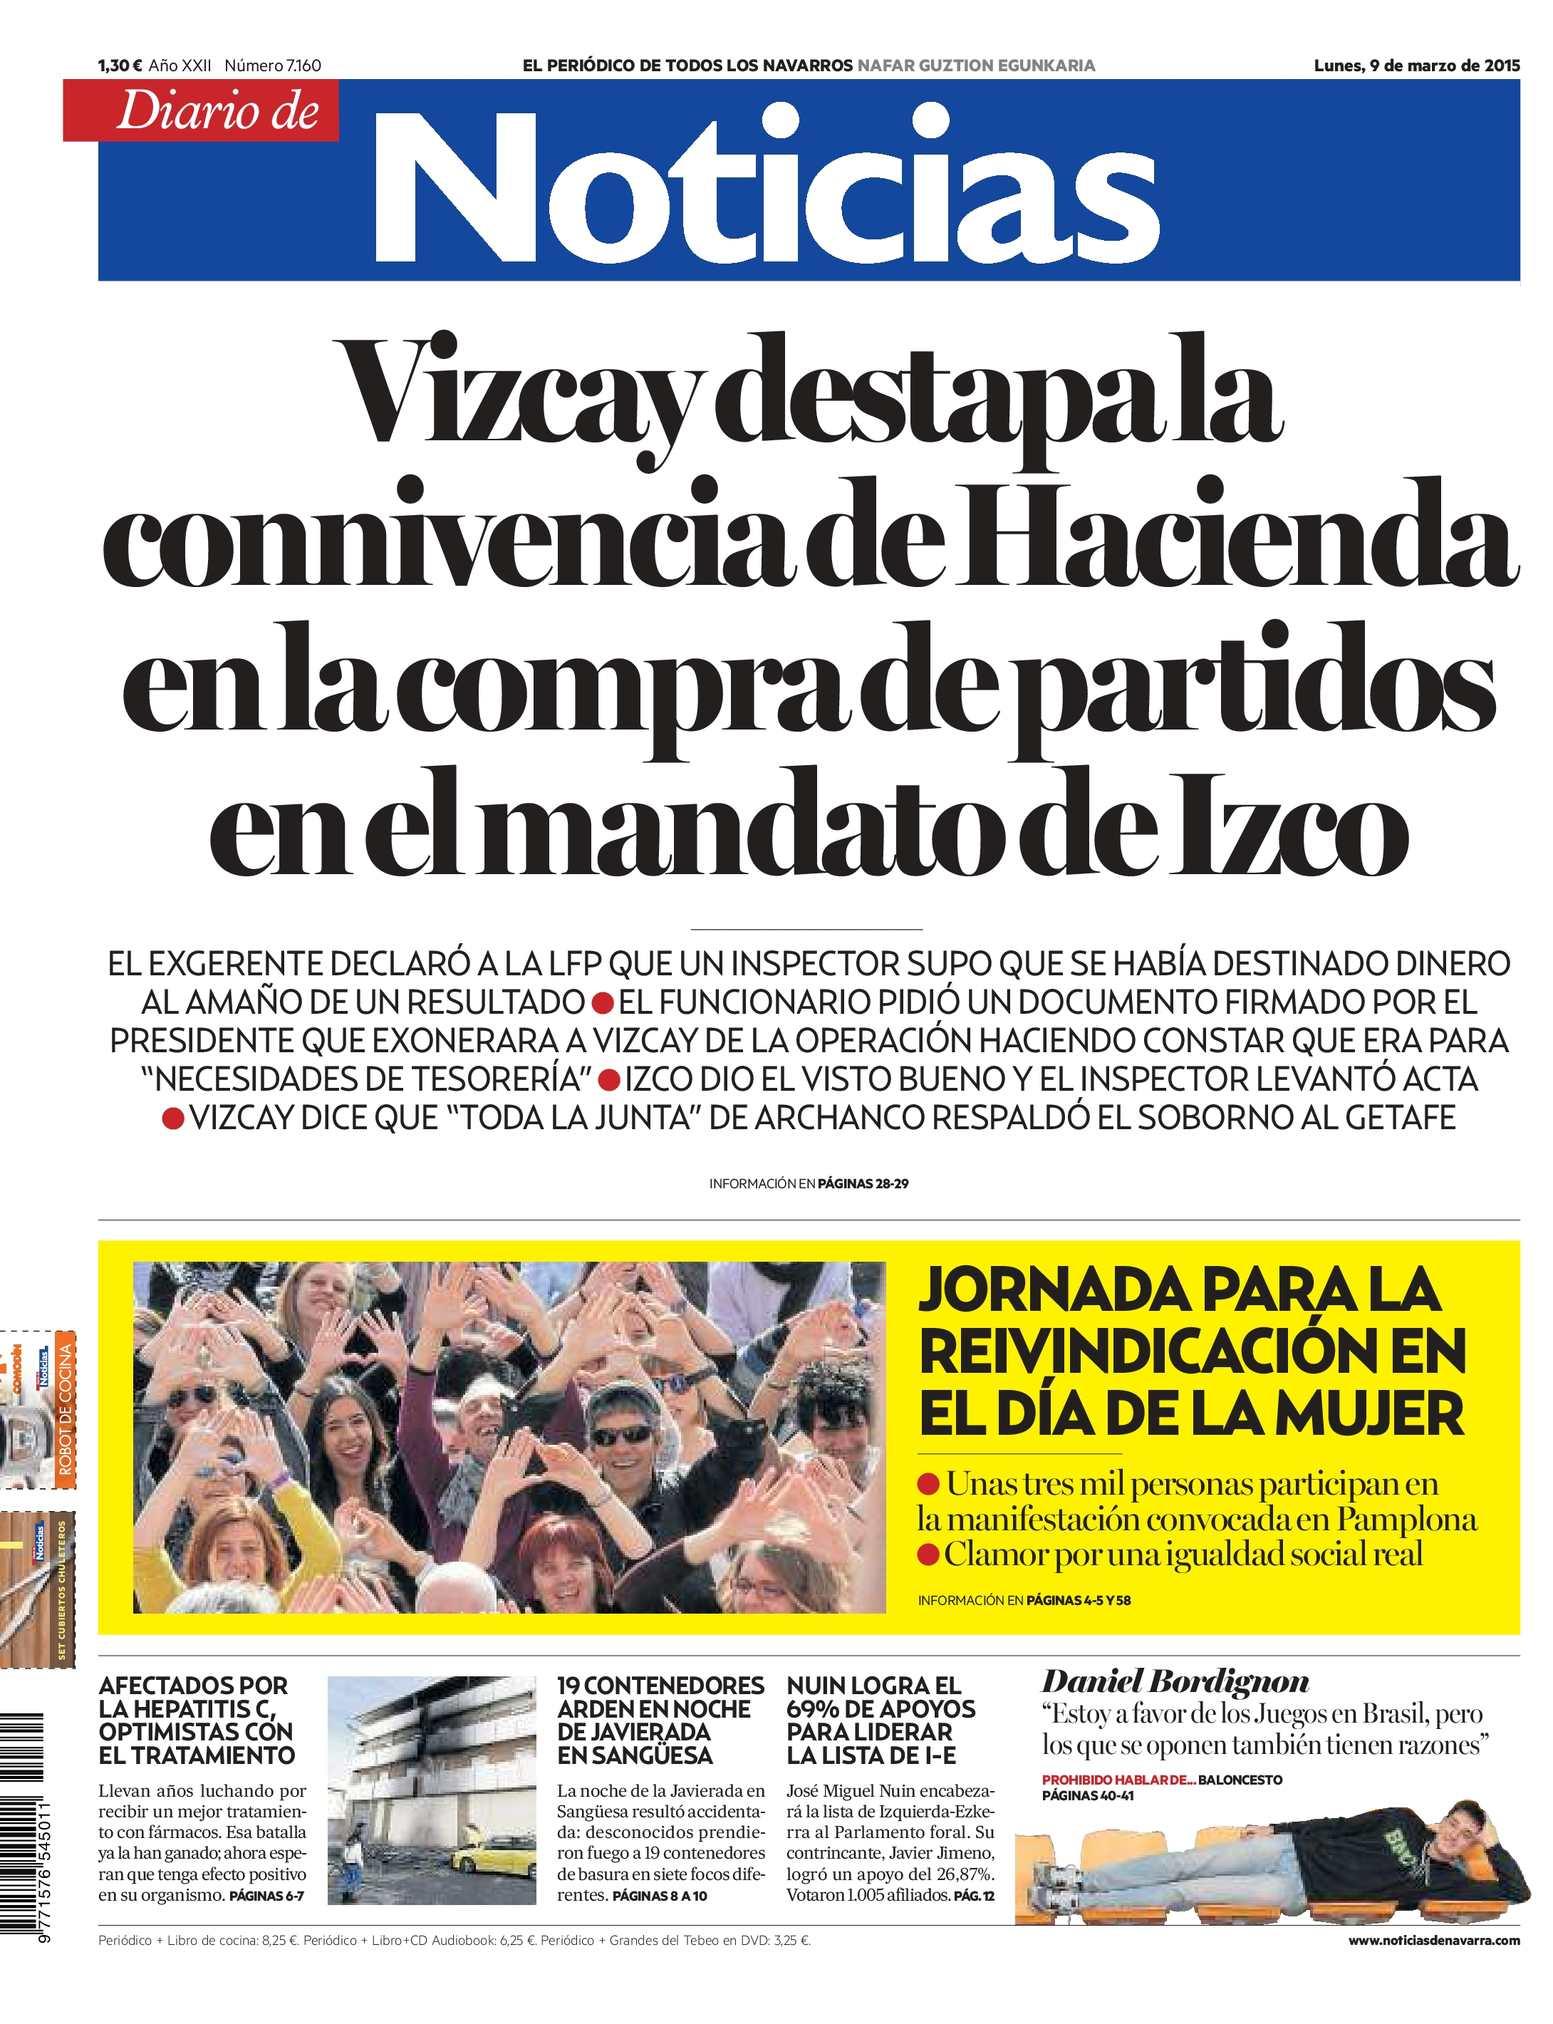 Calaméo - Diario de Noticias 20150309